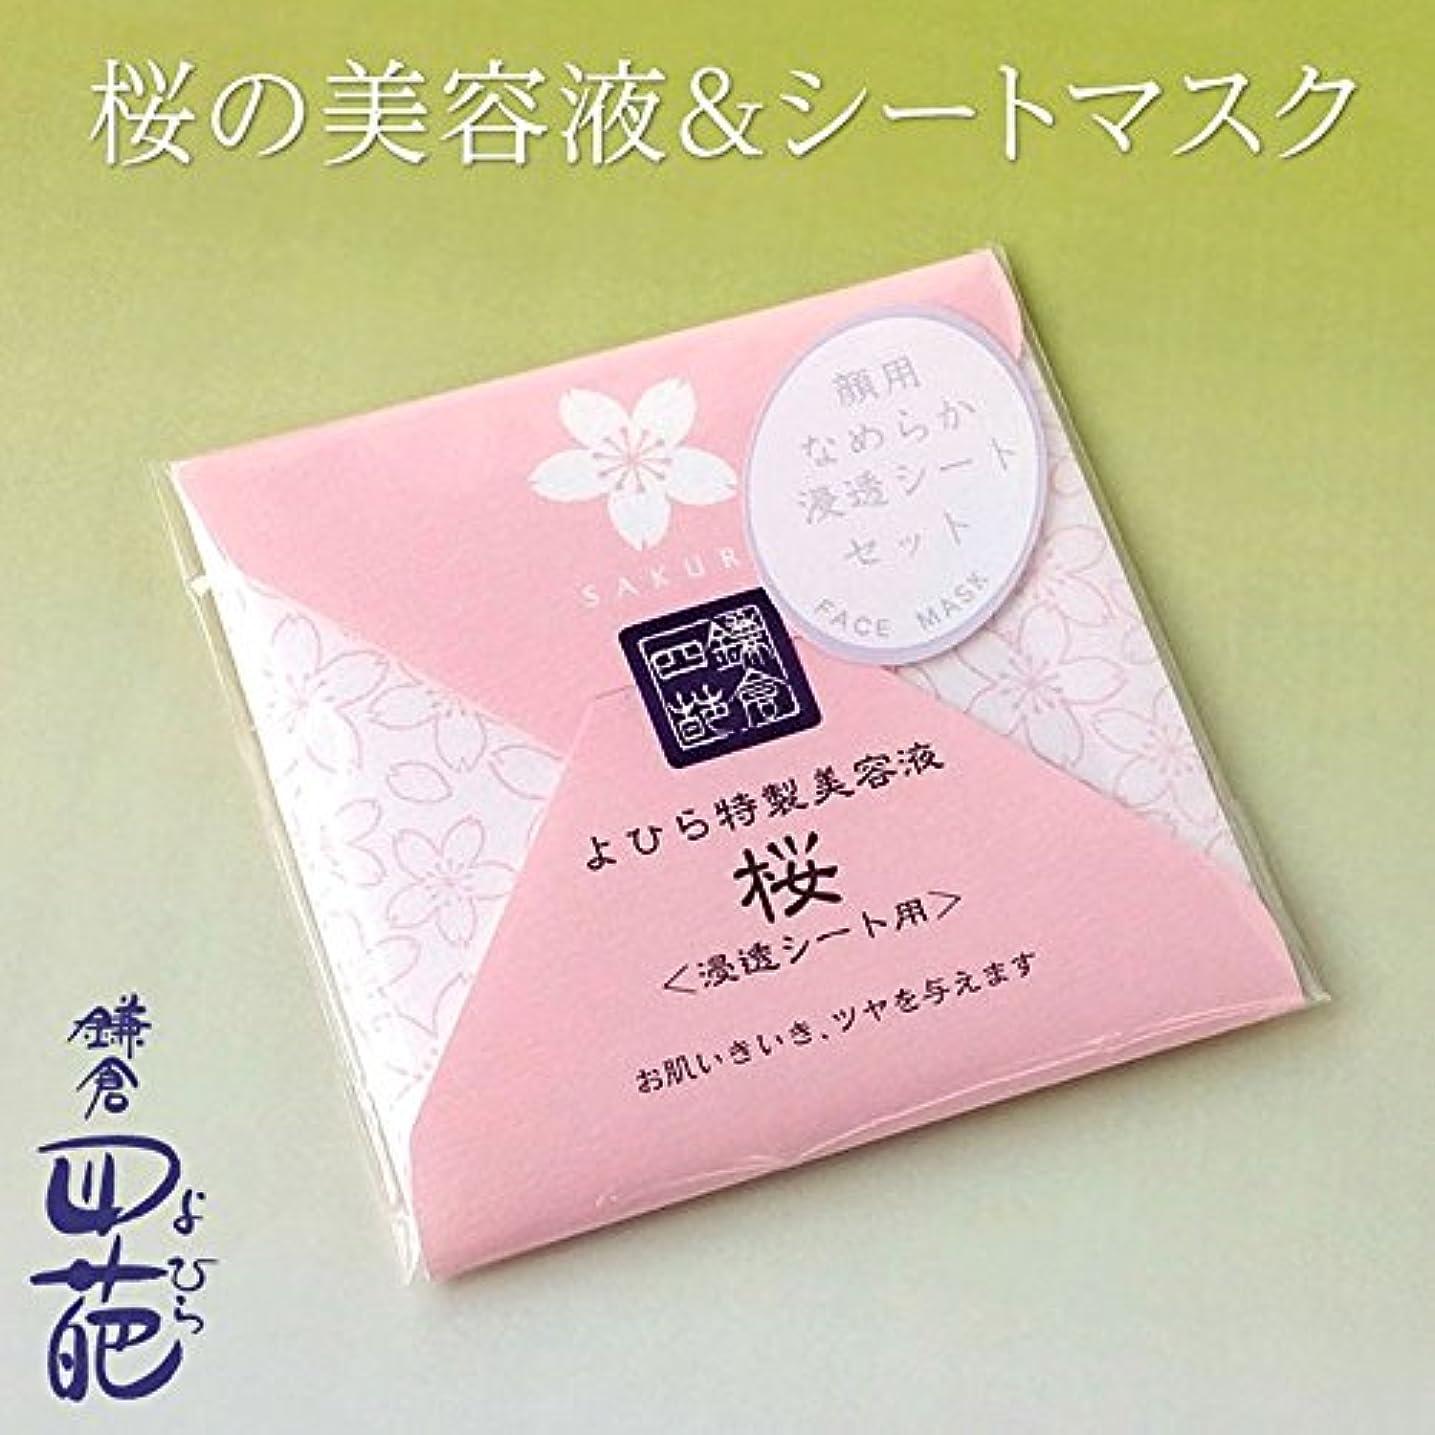 最後の一瞬つづり桜の美容液&シートマスク